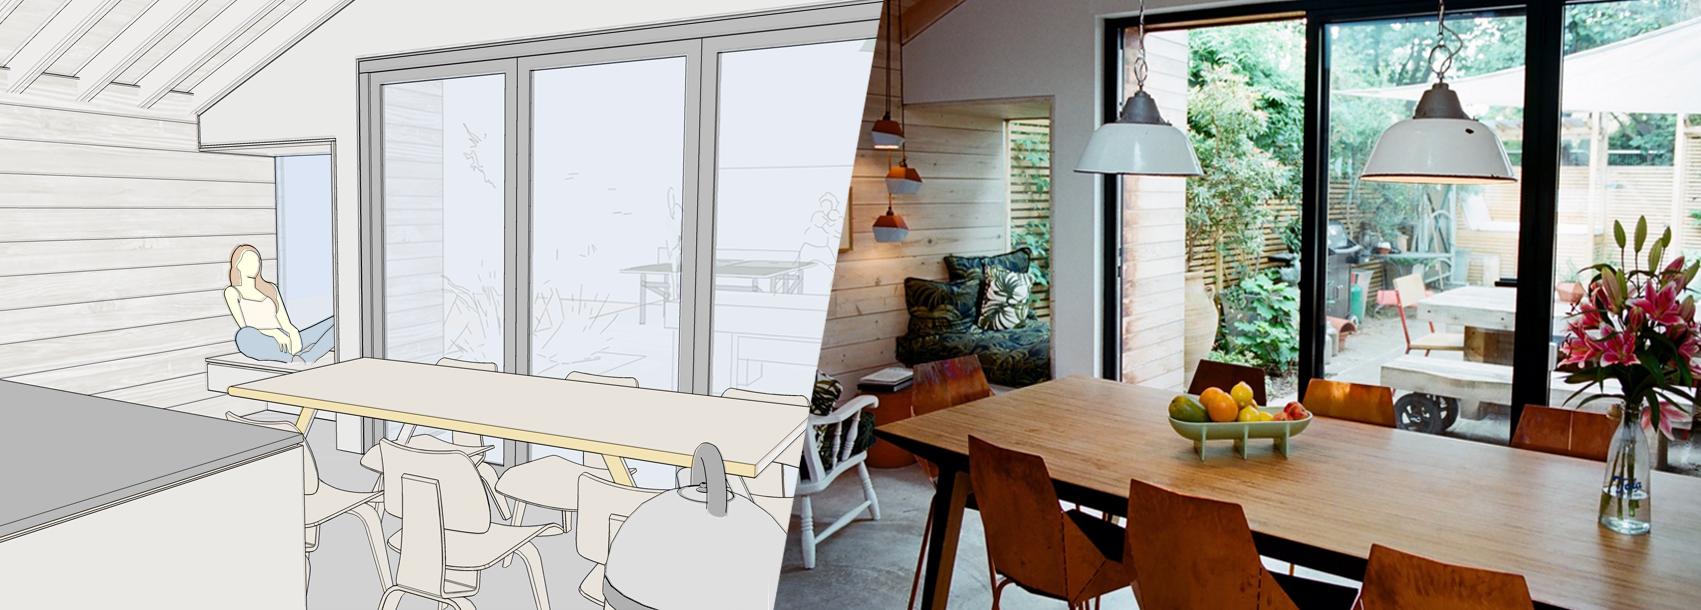 Model SketchUp i zdjęcie ukończonego projektu (Toma Kaneko Design).